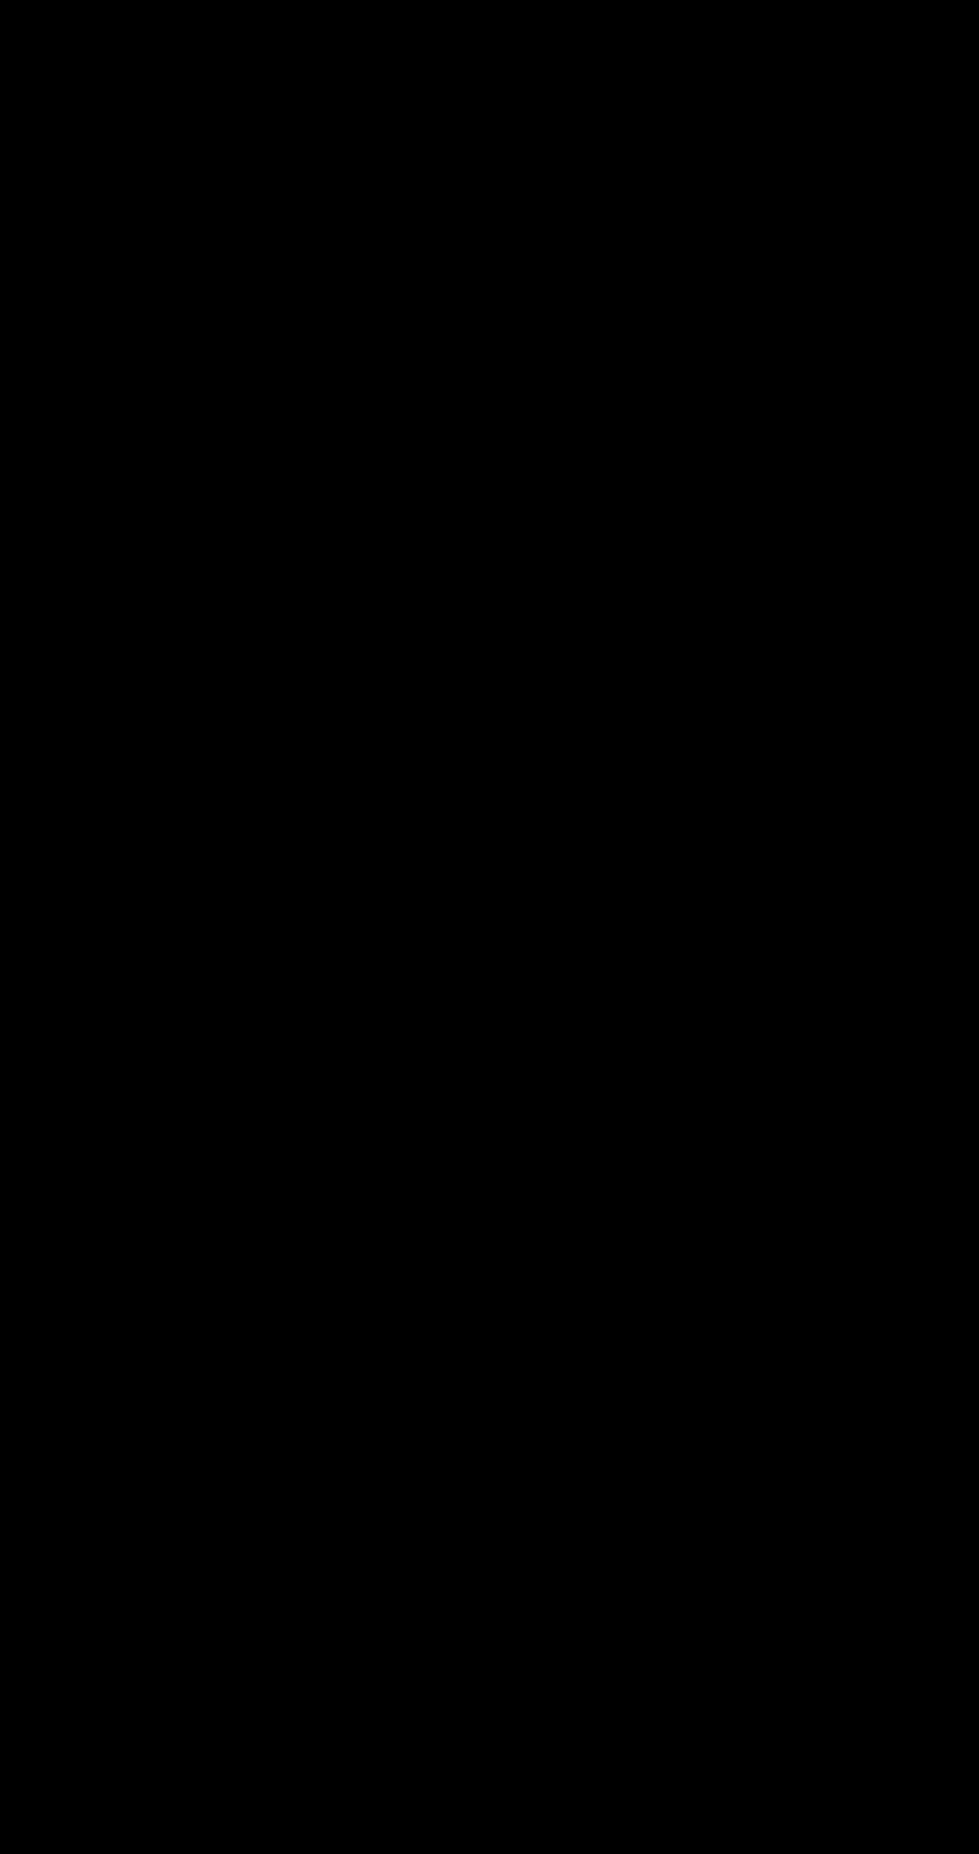 図18.png